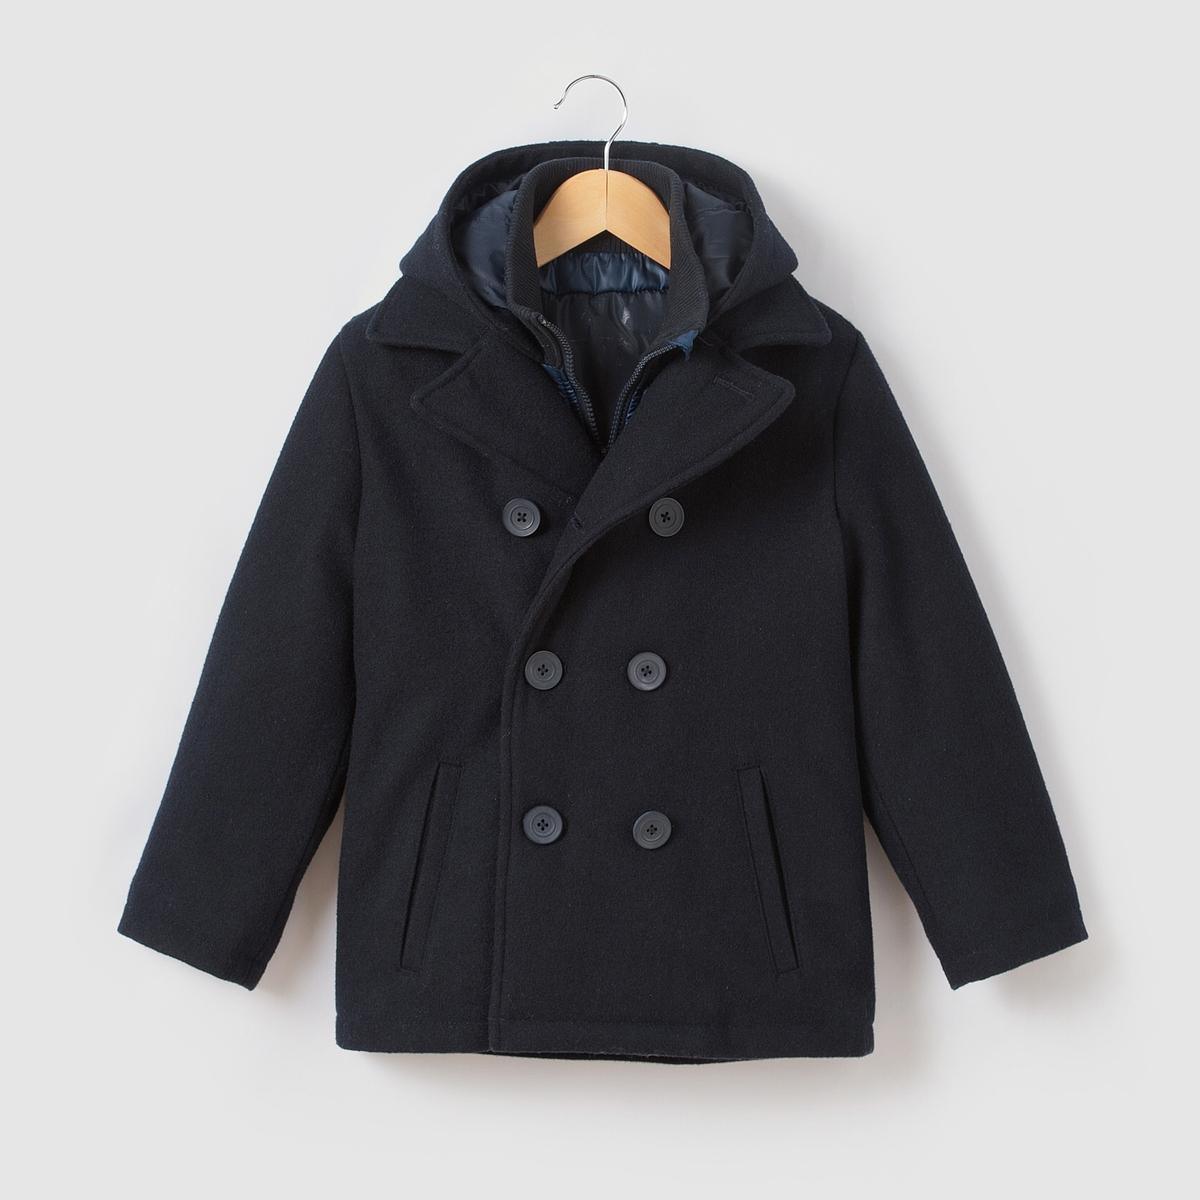 Бушлат из шерстяного драпа, 3-12 лет пальто с эффектом шерстяного драпа